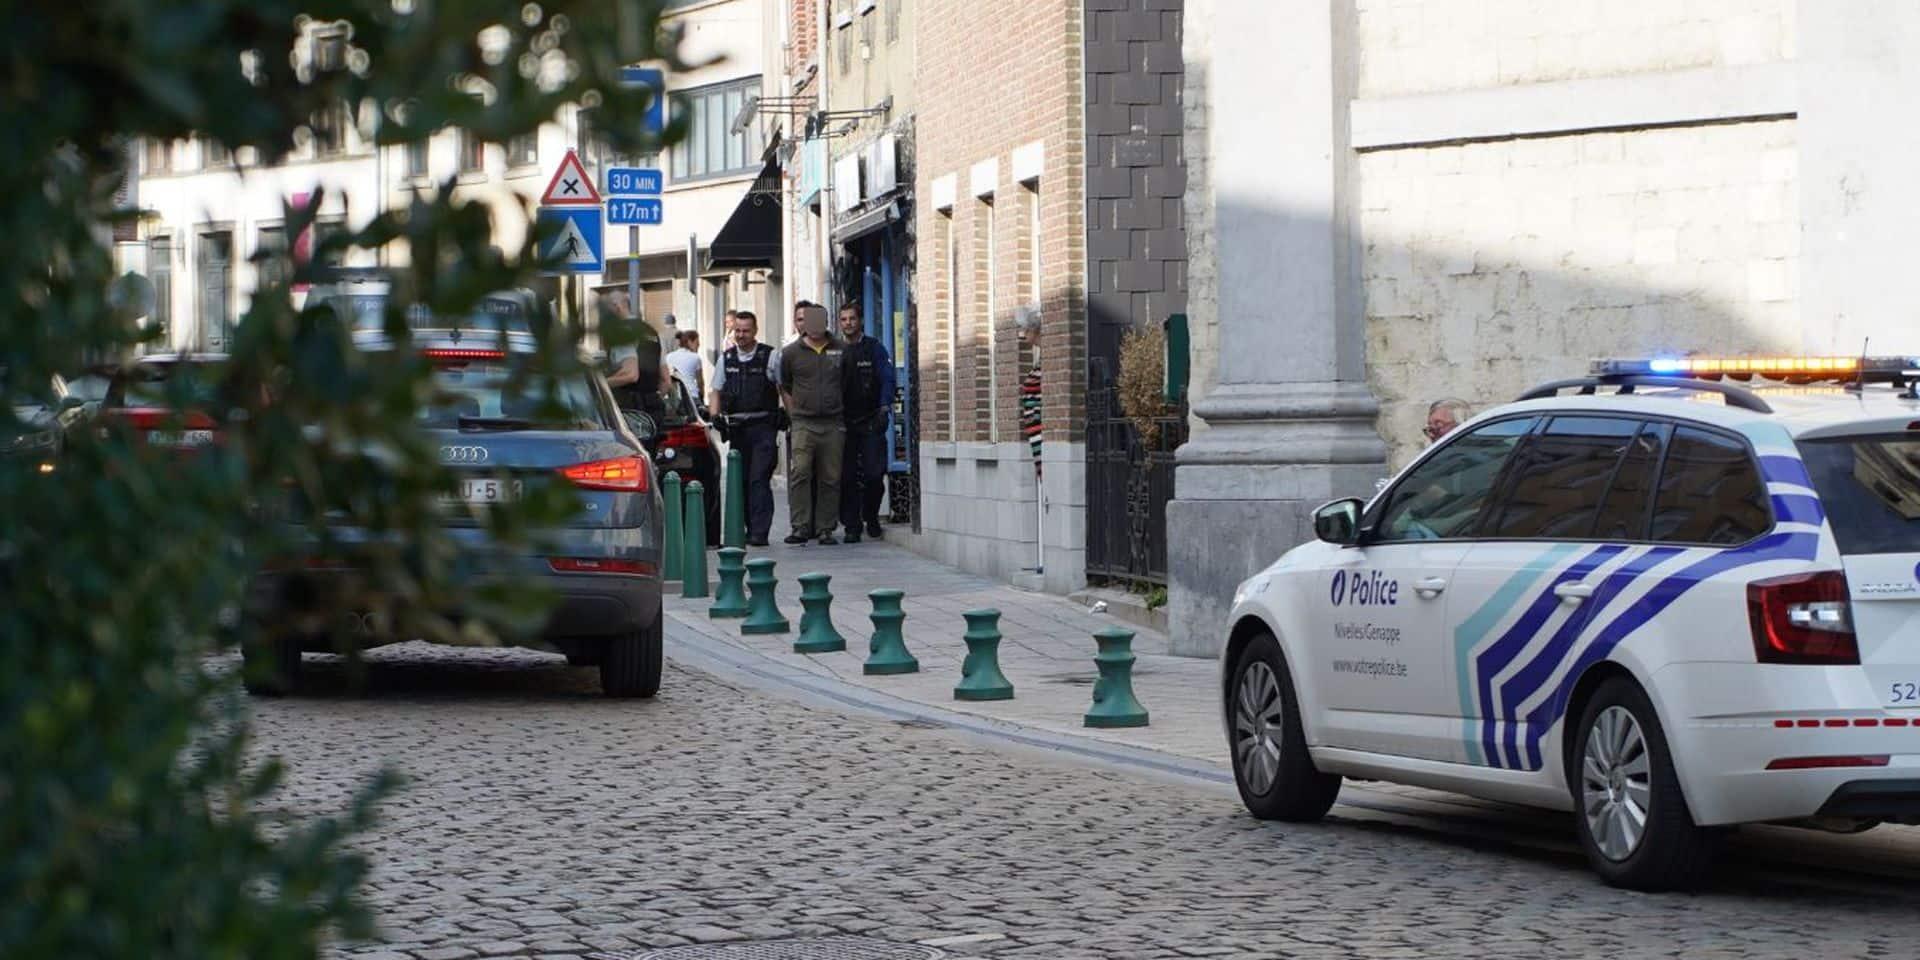 La police intervient en nombre pour une bagarre dans le centre de Genappe, une personne arrêtée